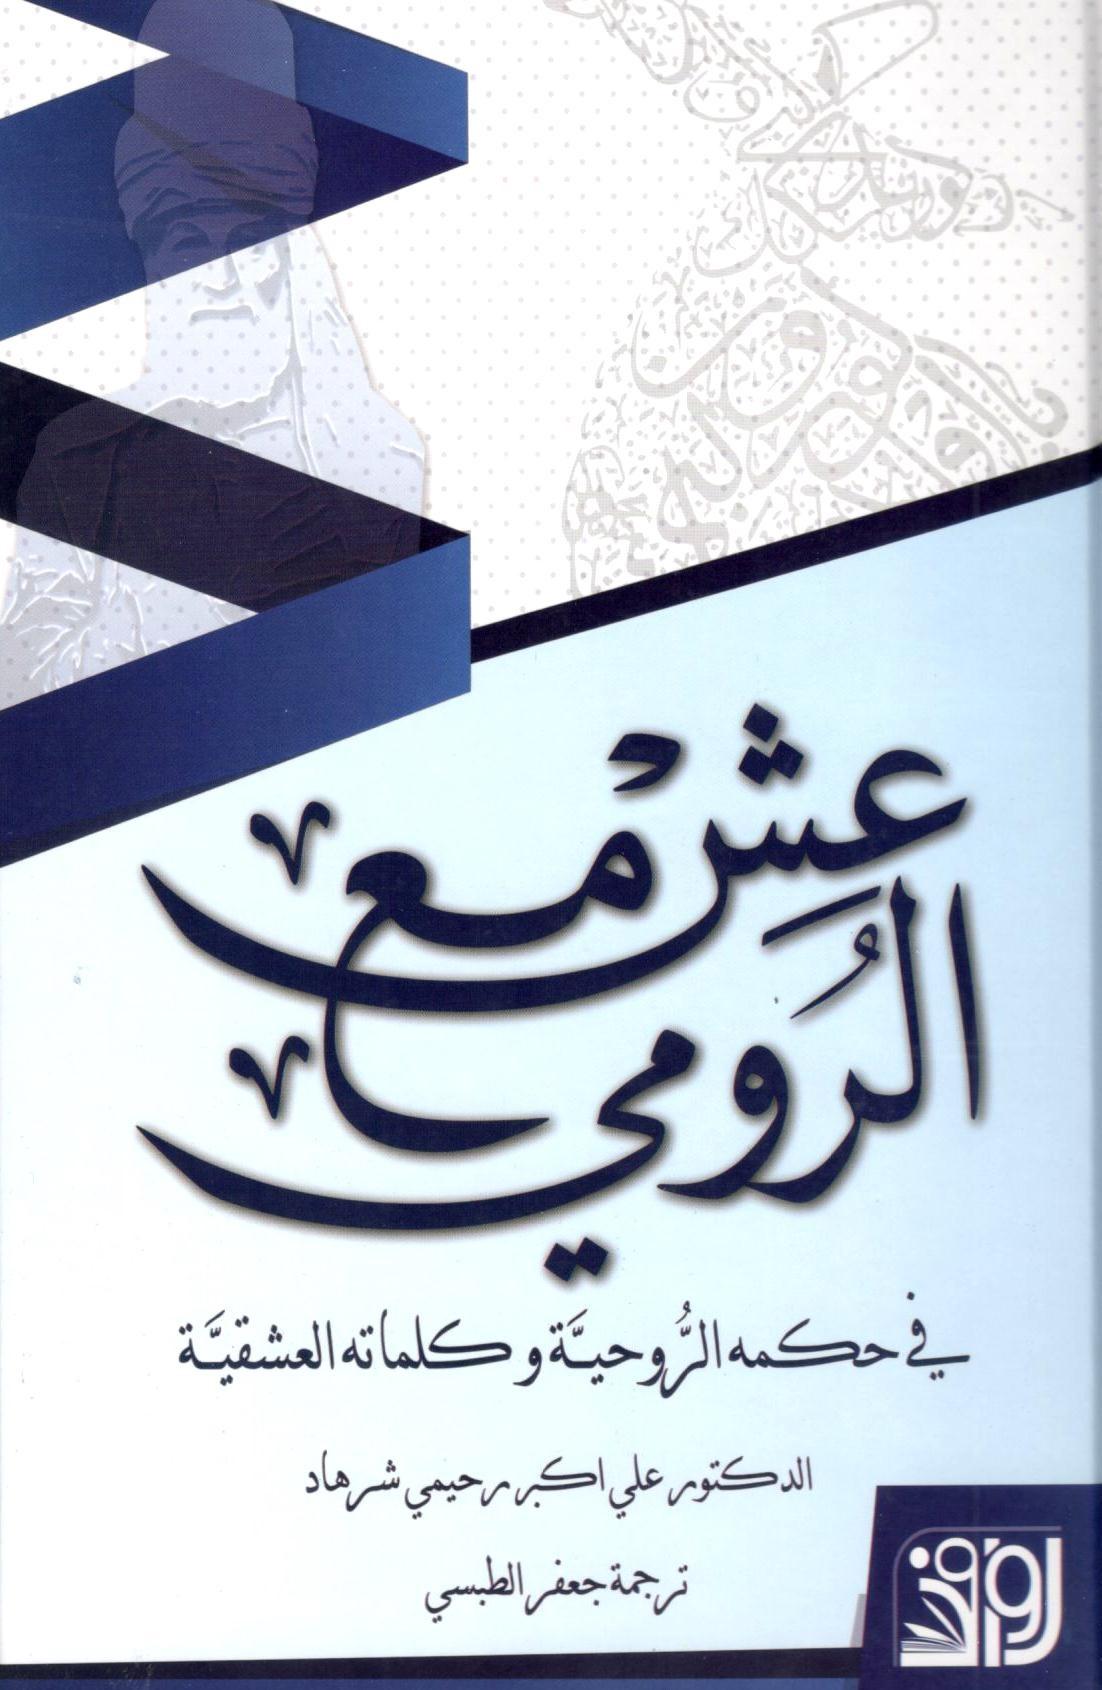 عش مع الرومي في حكمه الروحية وكلماته العشقية